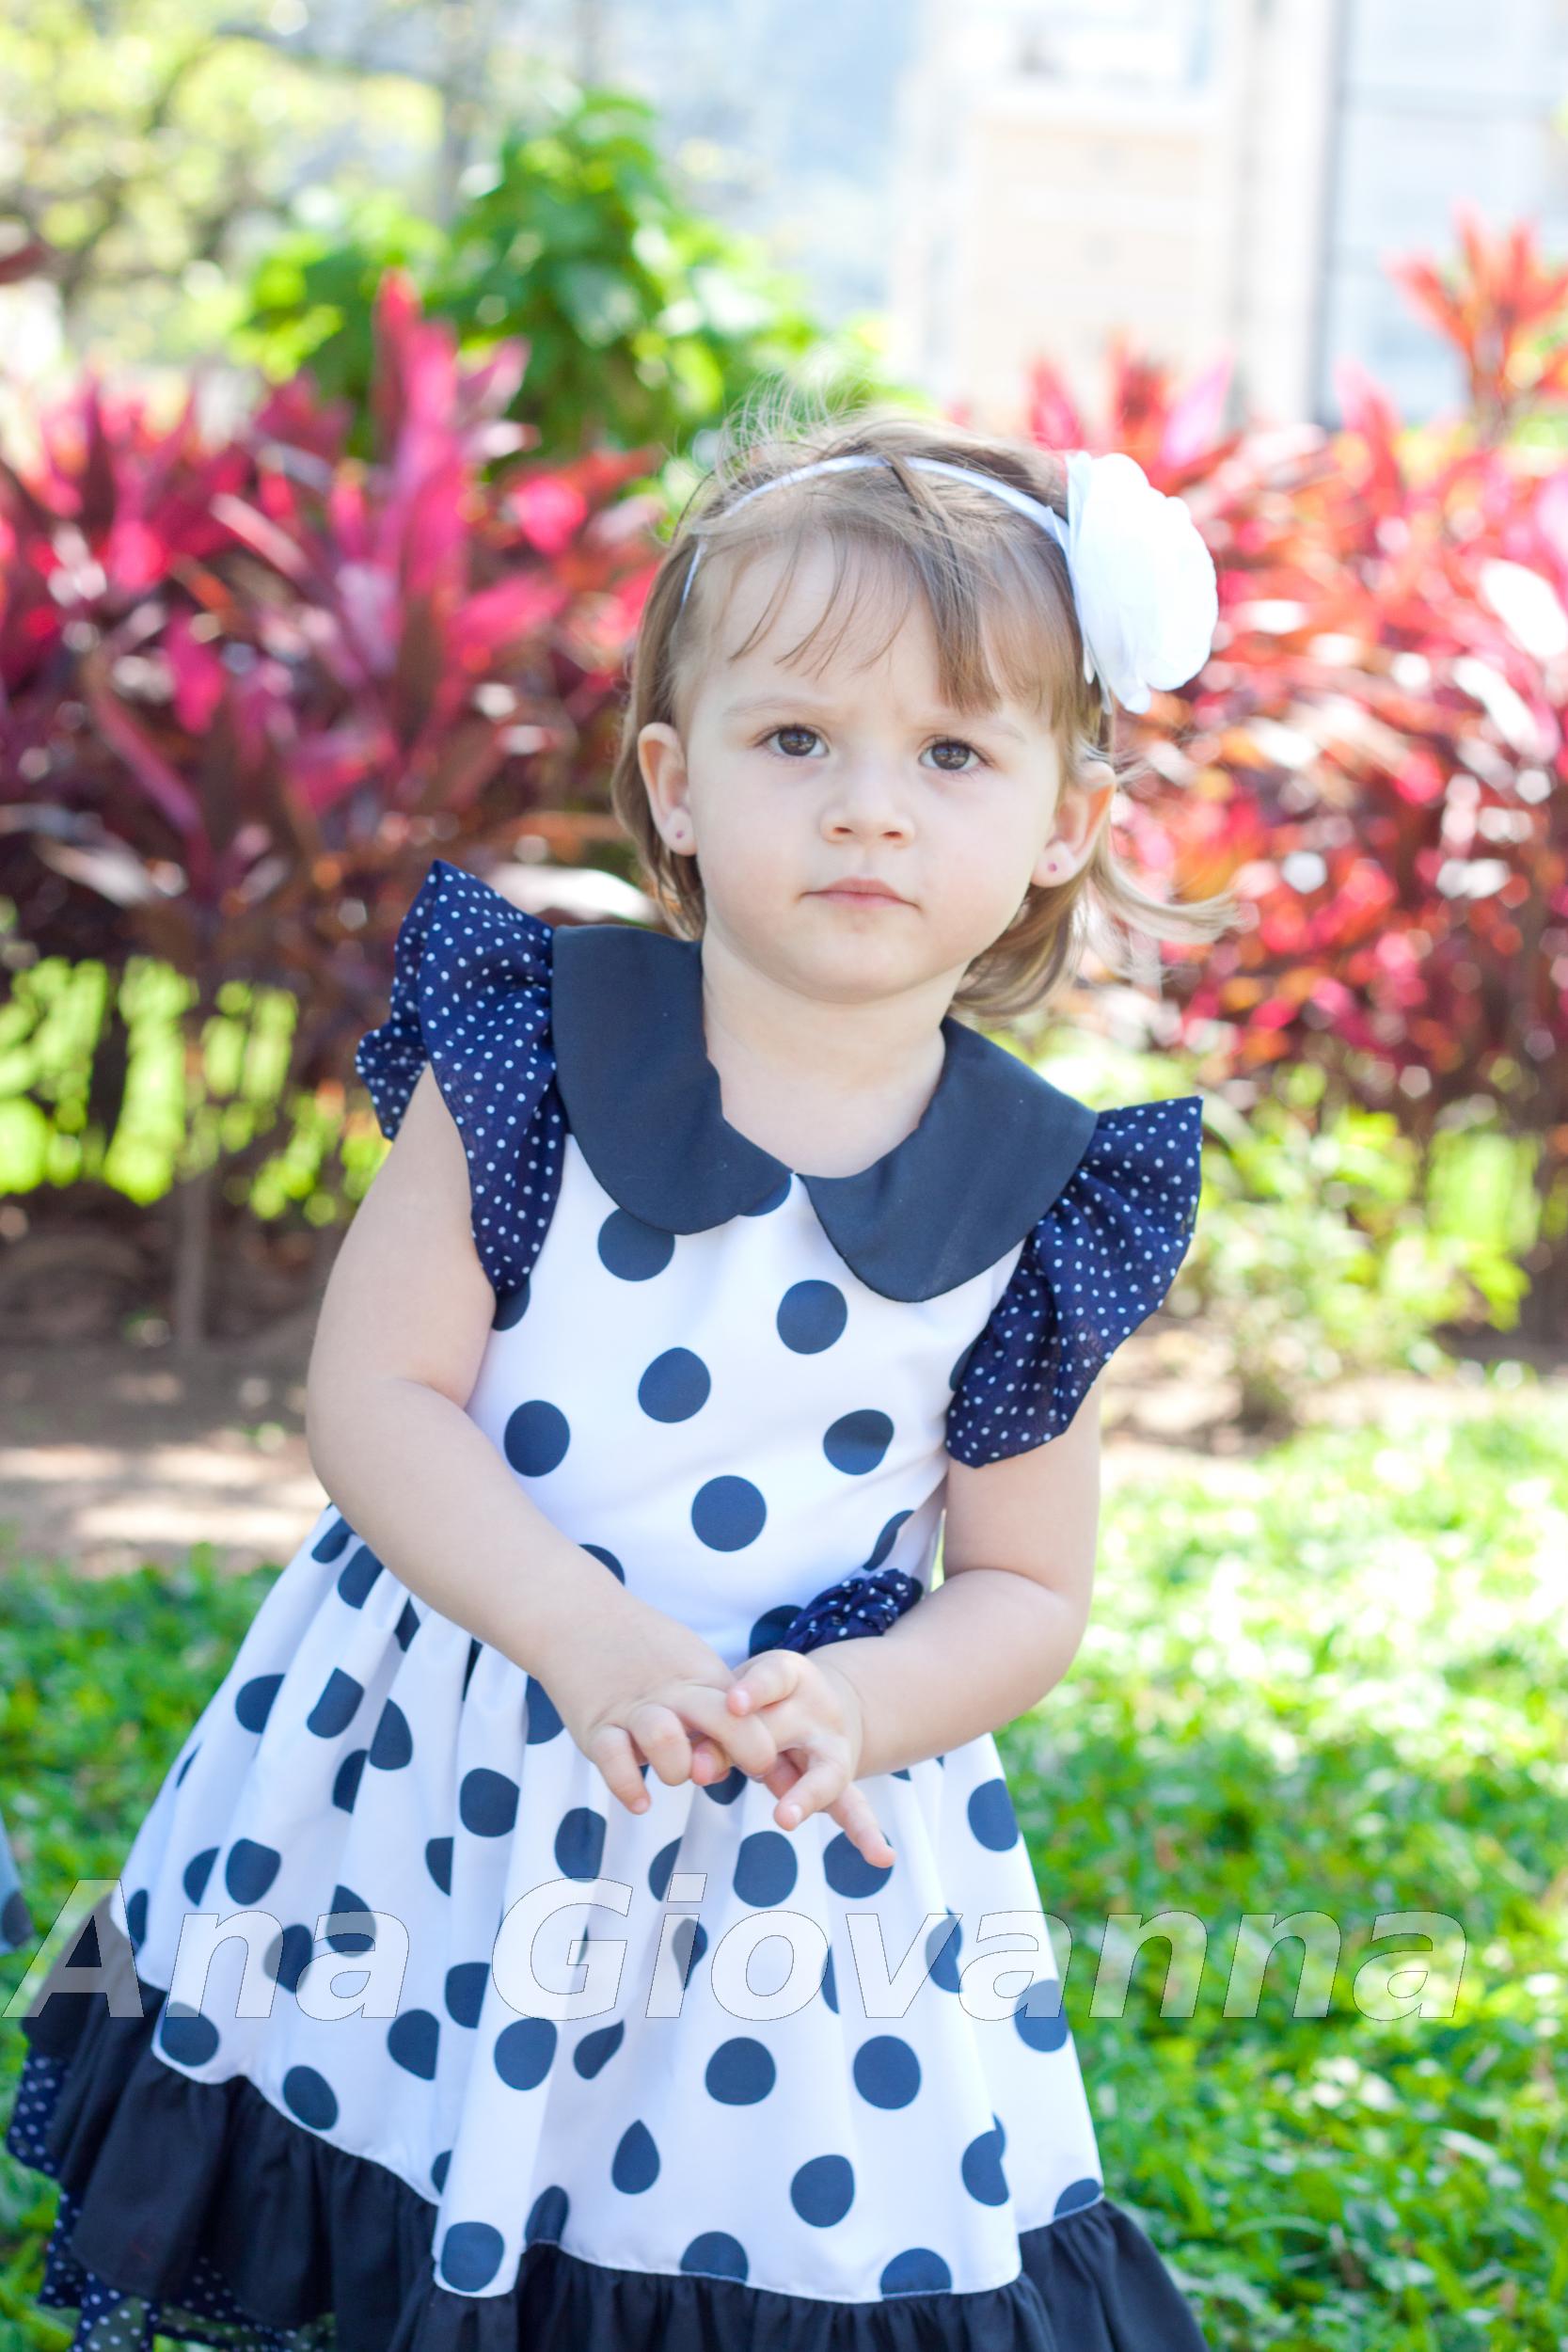 Vestido de festa branco e azul